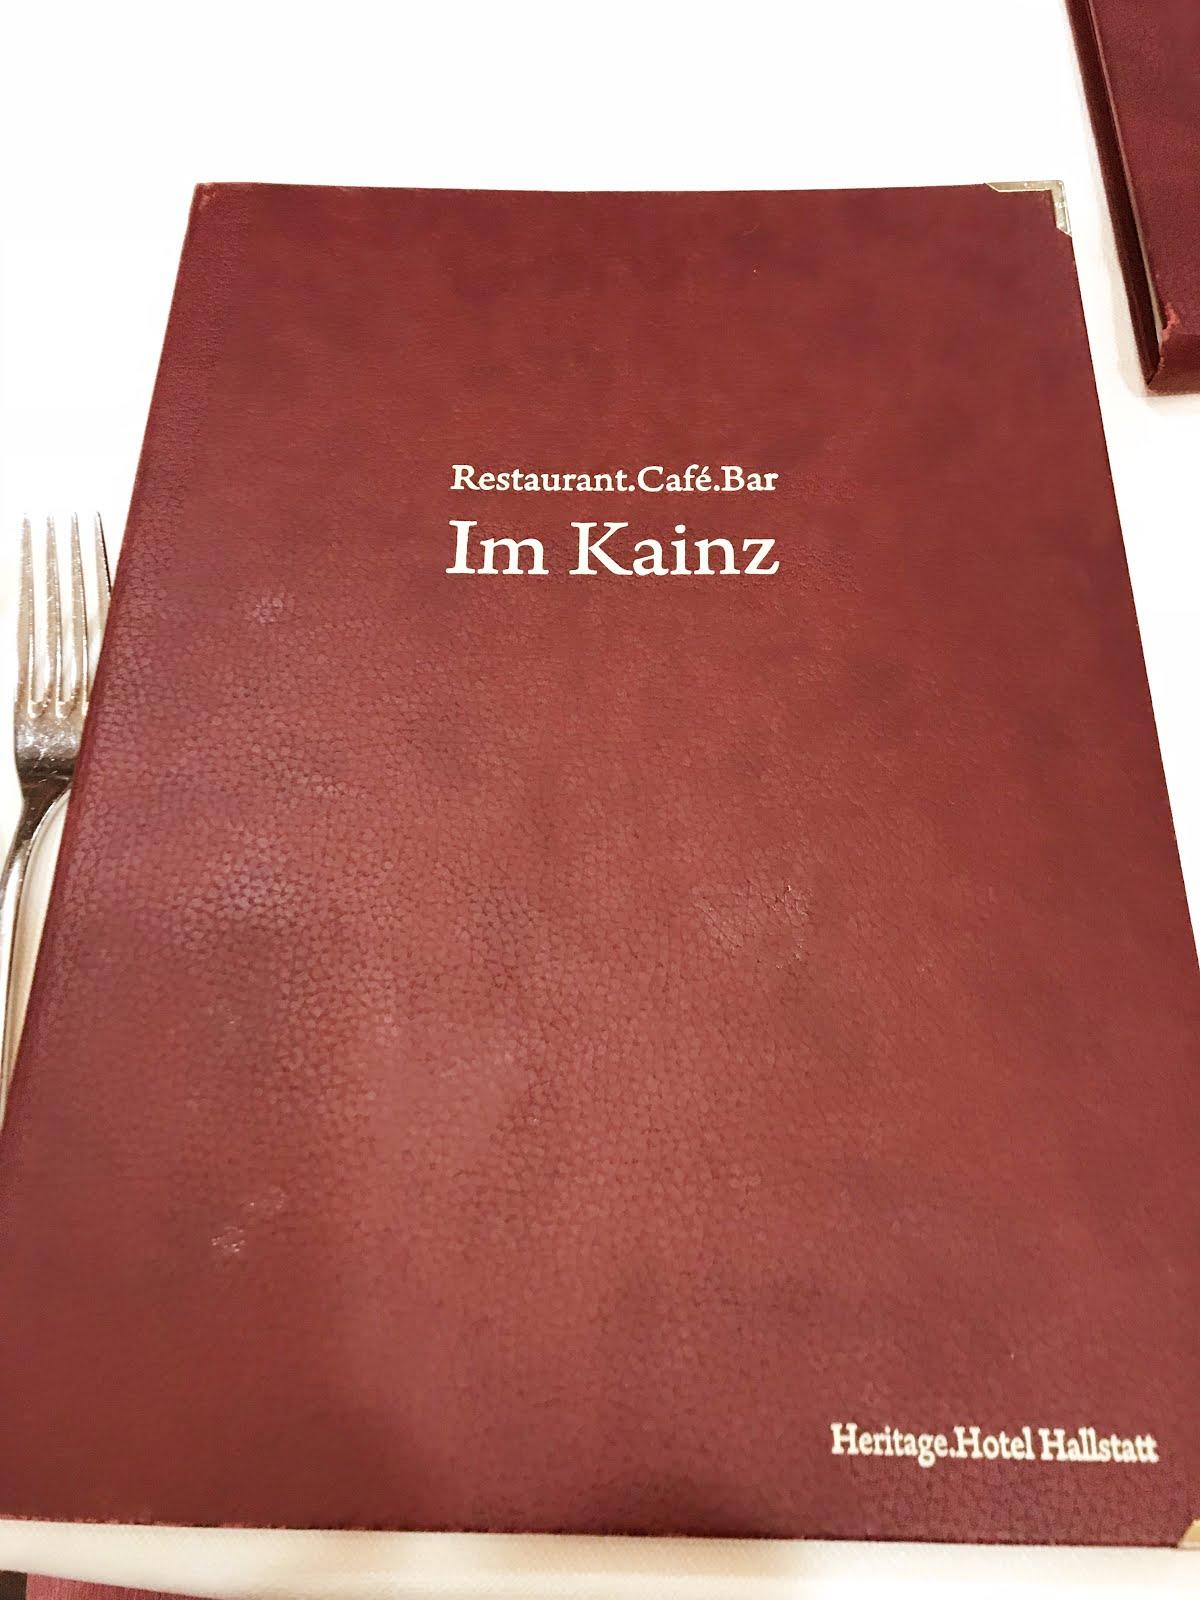 沙維奧 • 如何毒遊毒食而不失威: 【奧地利 哈爾施塔特】輕食歷史酒店餐廳Im Kainz